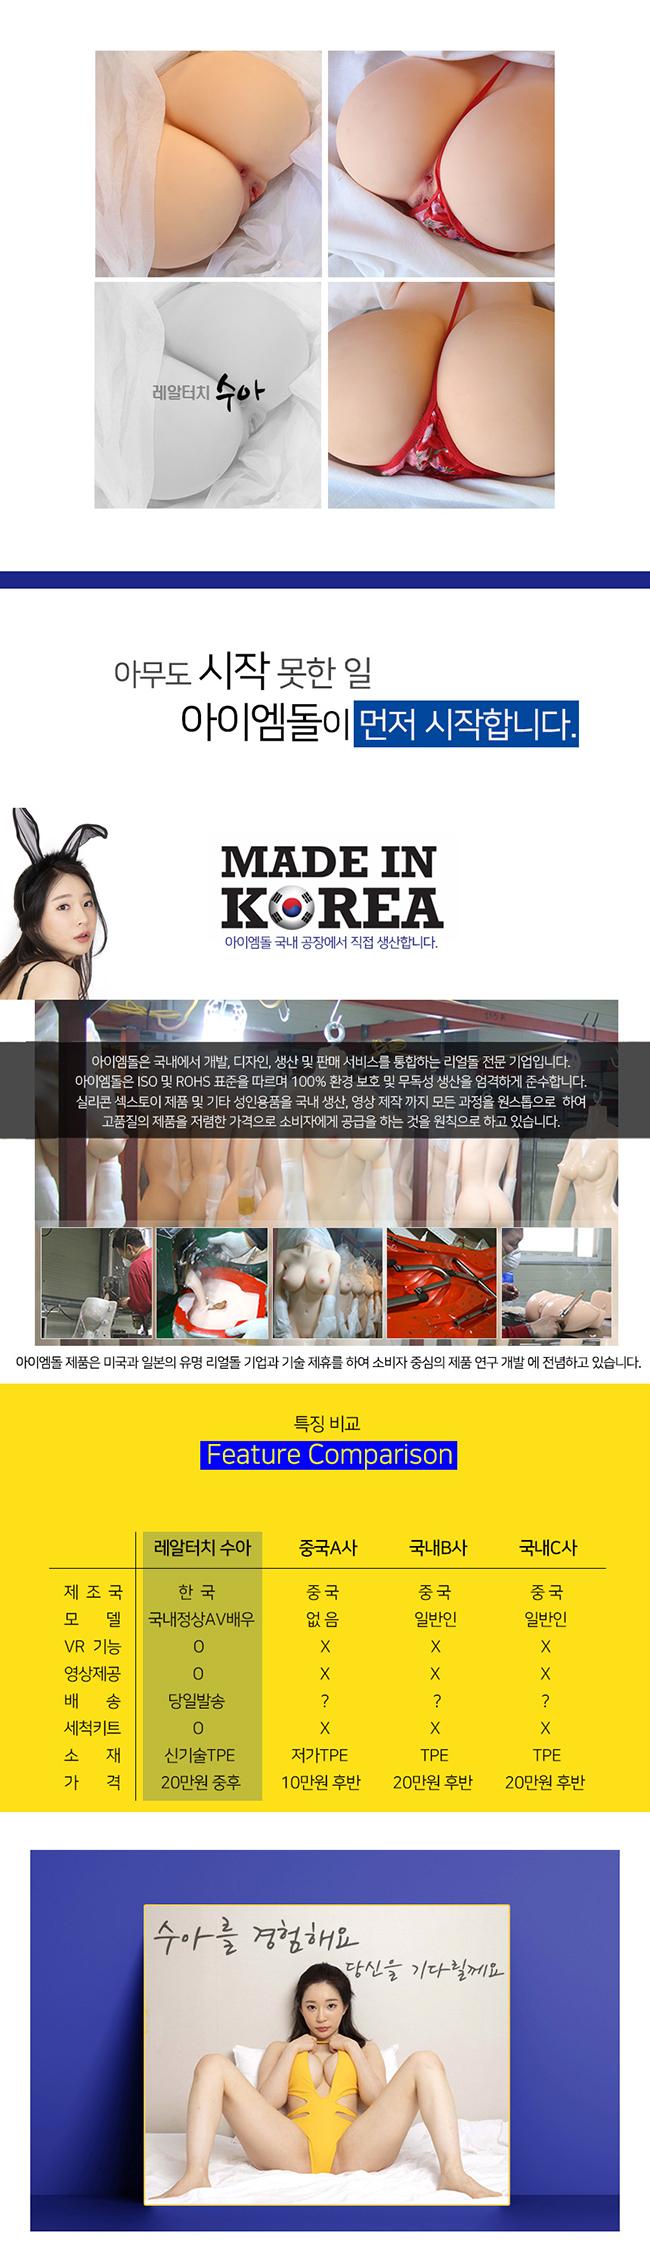 [1:1 리얼힙+VR기기] 레알 터치 수아 - 피치(Real Touch Sua Peach) - 4D VR/아이엠돌